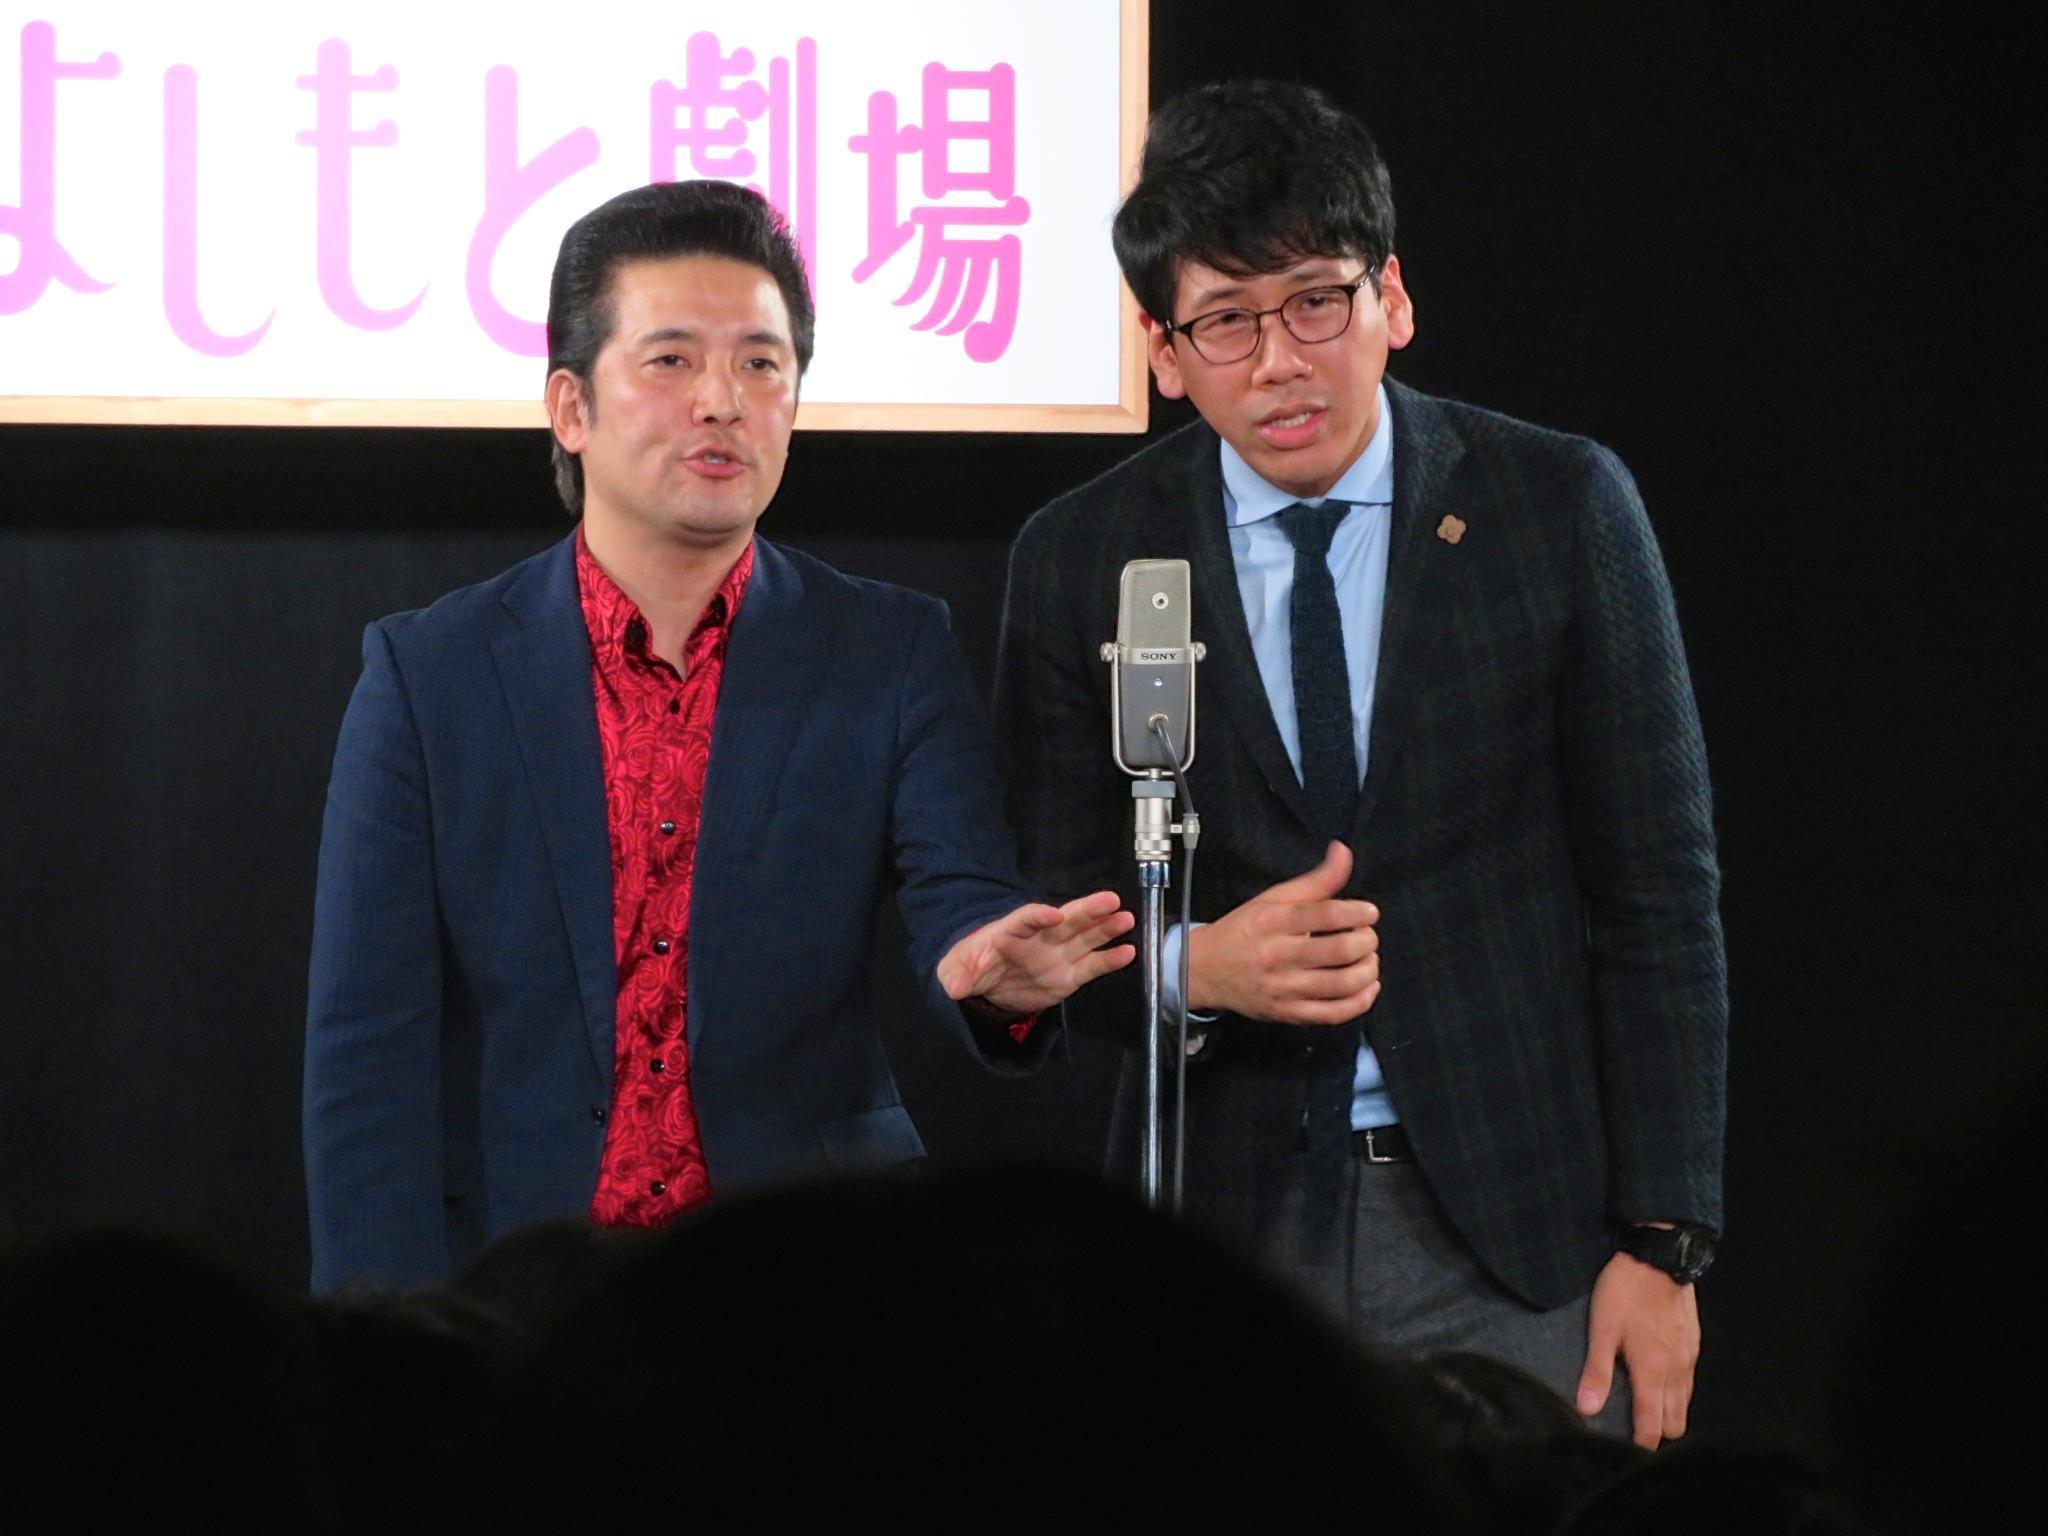 http://news.yoshimoto.co.jp/20171230223257-41a0c0c49f248a7d30d02134ea87c66e59f11d71.jpg